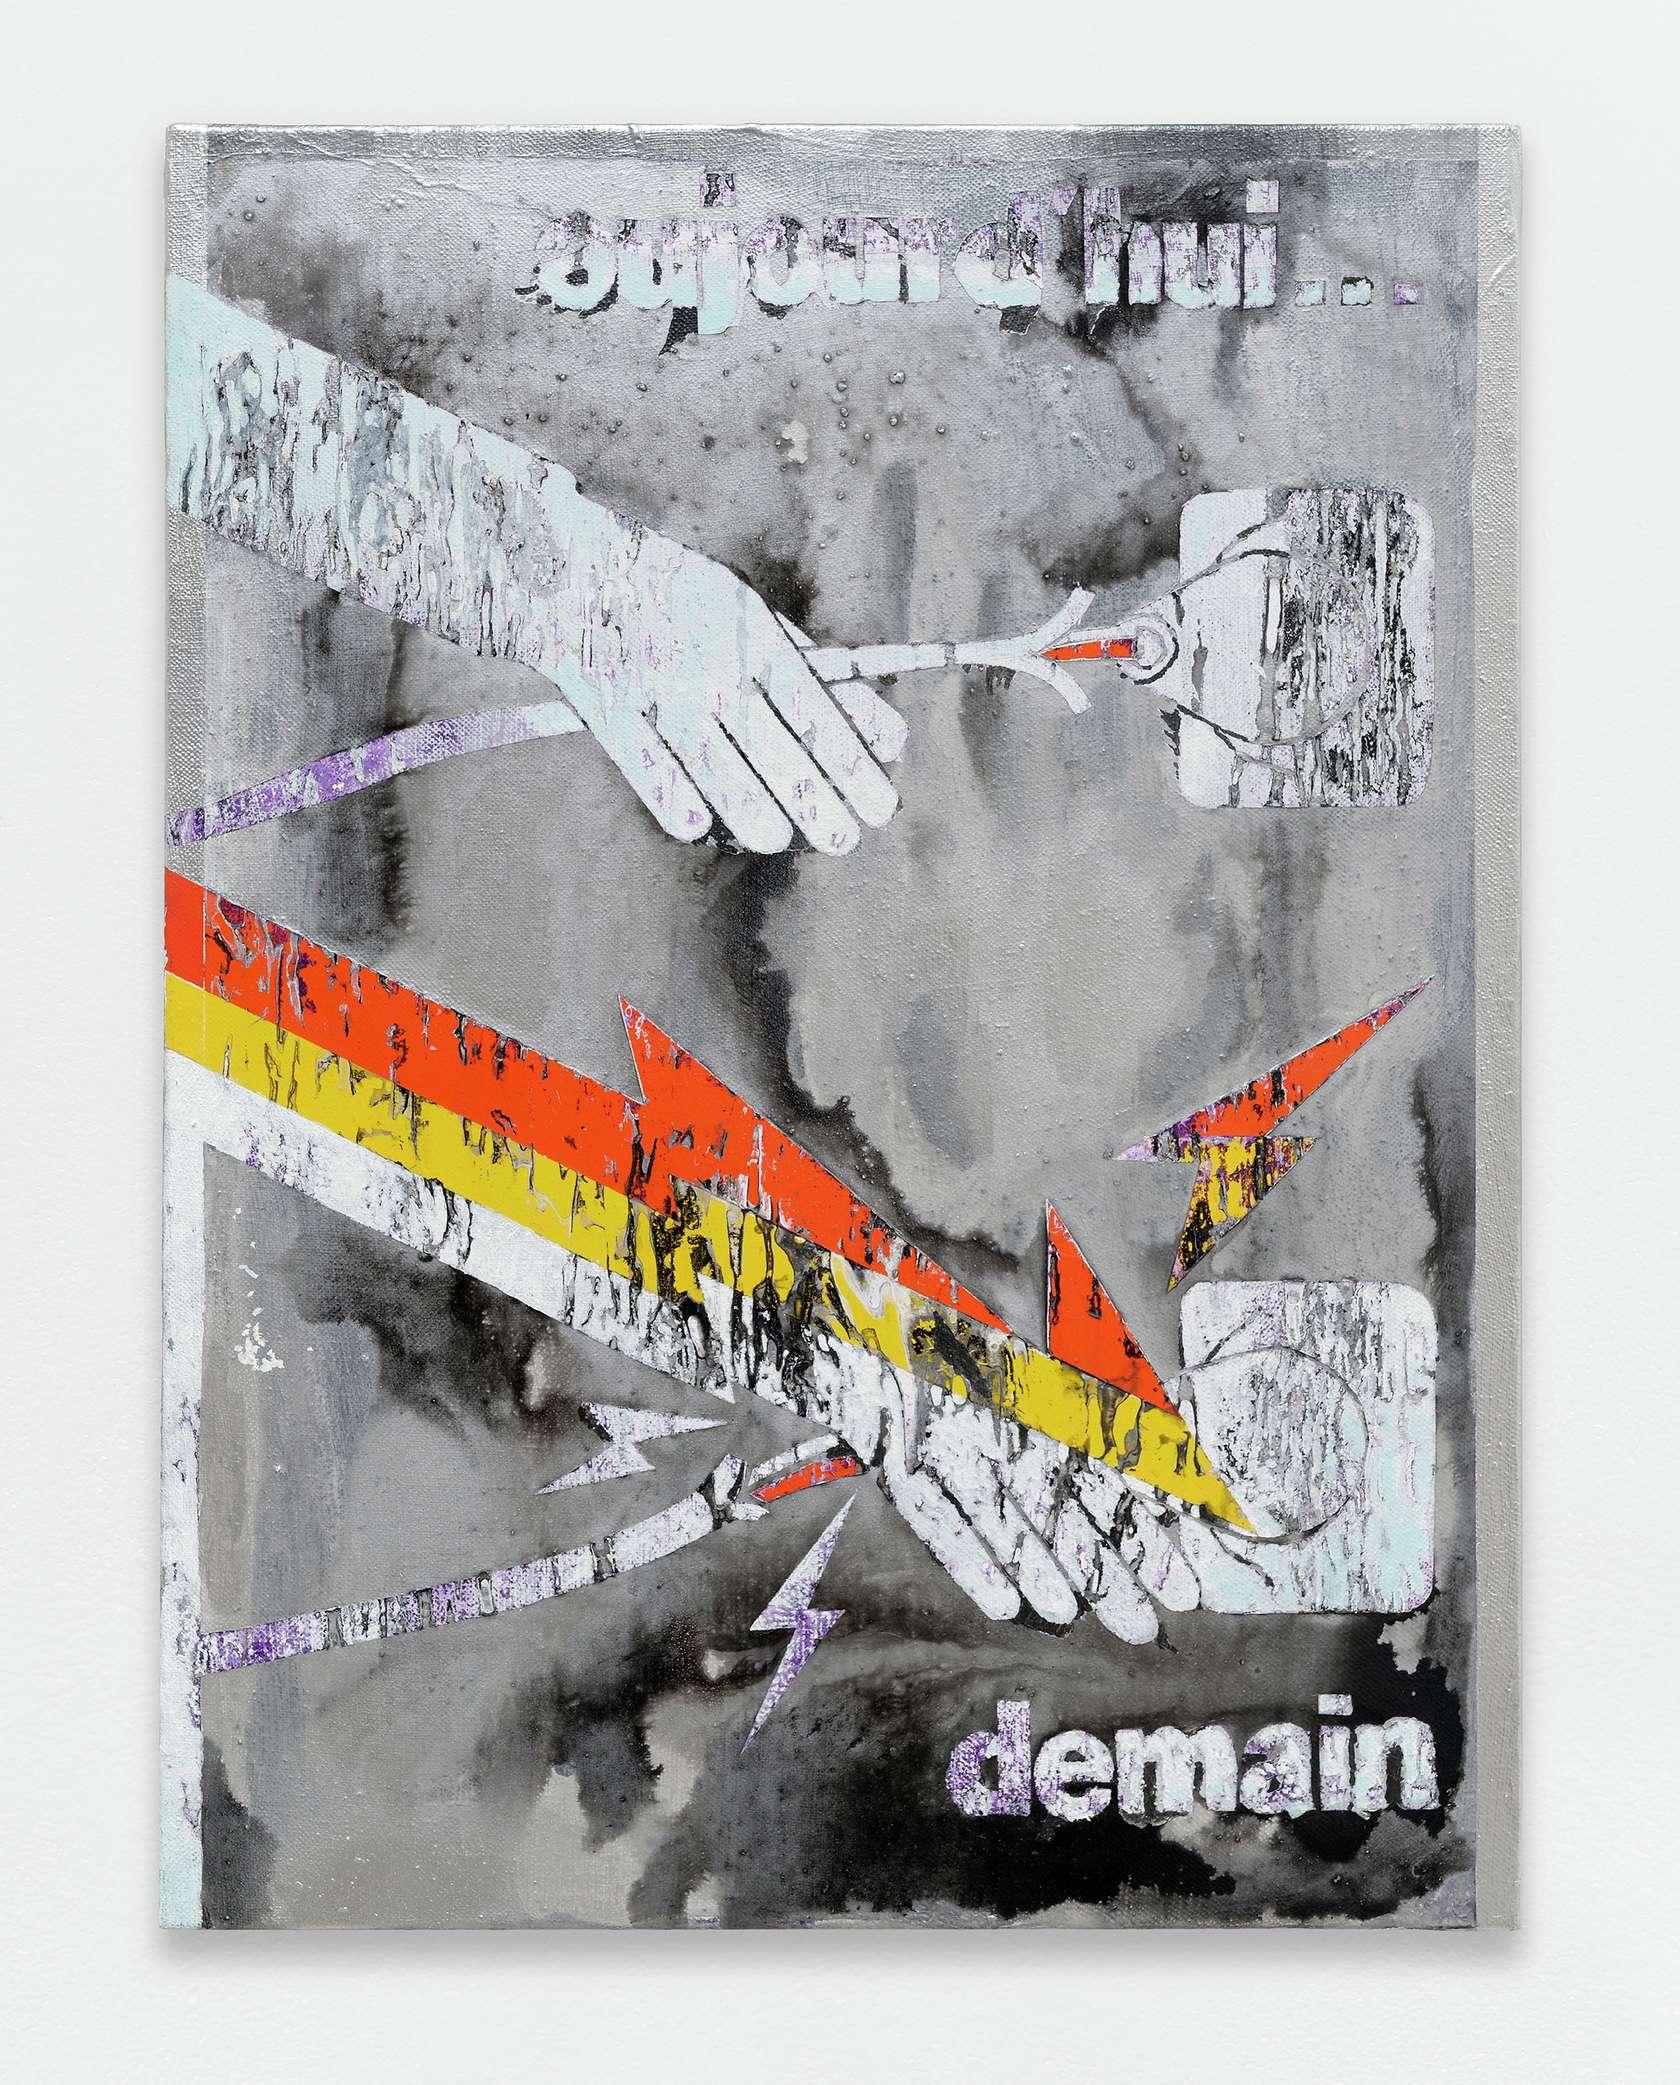 Laurent Proux, Aujourd'hui... demain, 2017 Huile sur toile61.5 × 46 cm / 24 2/8 × 18 1/8 in.